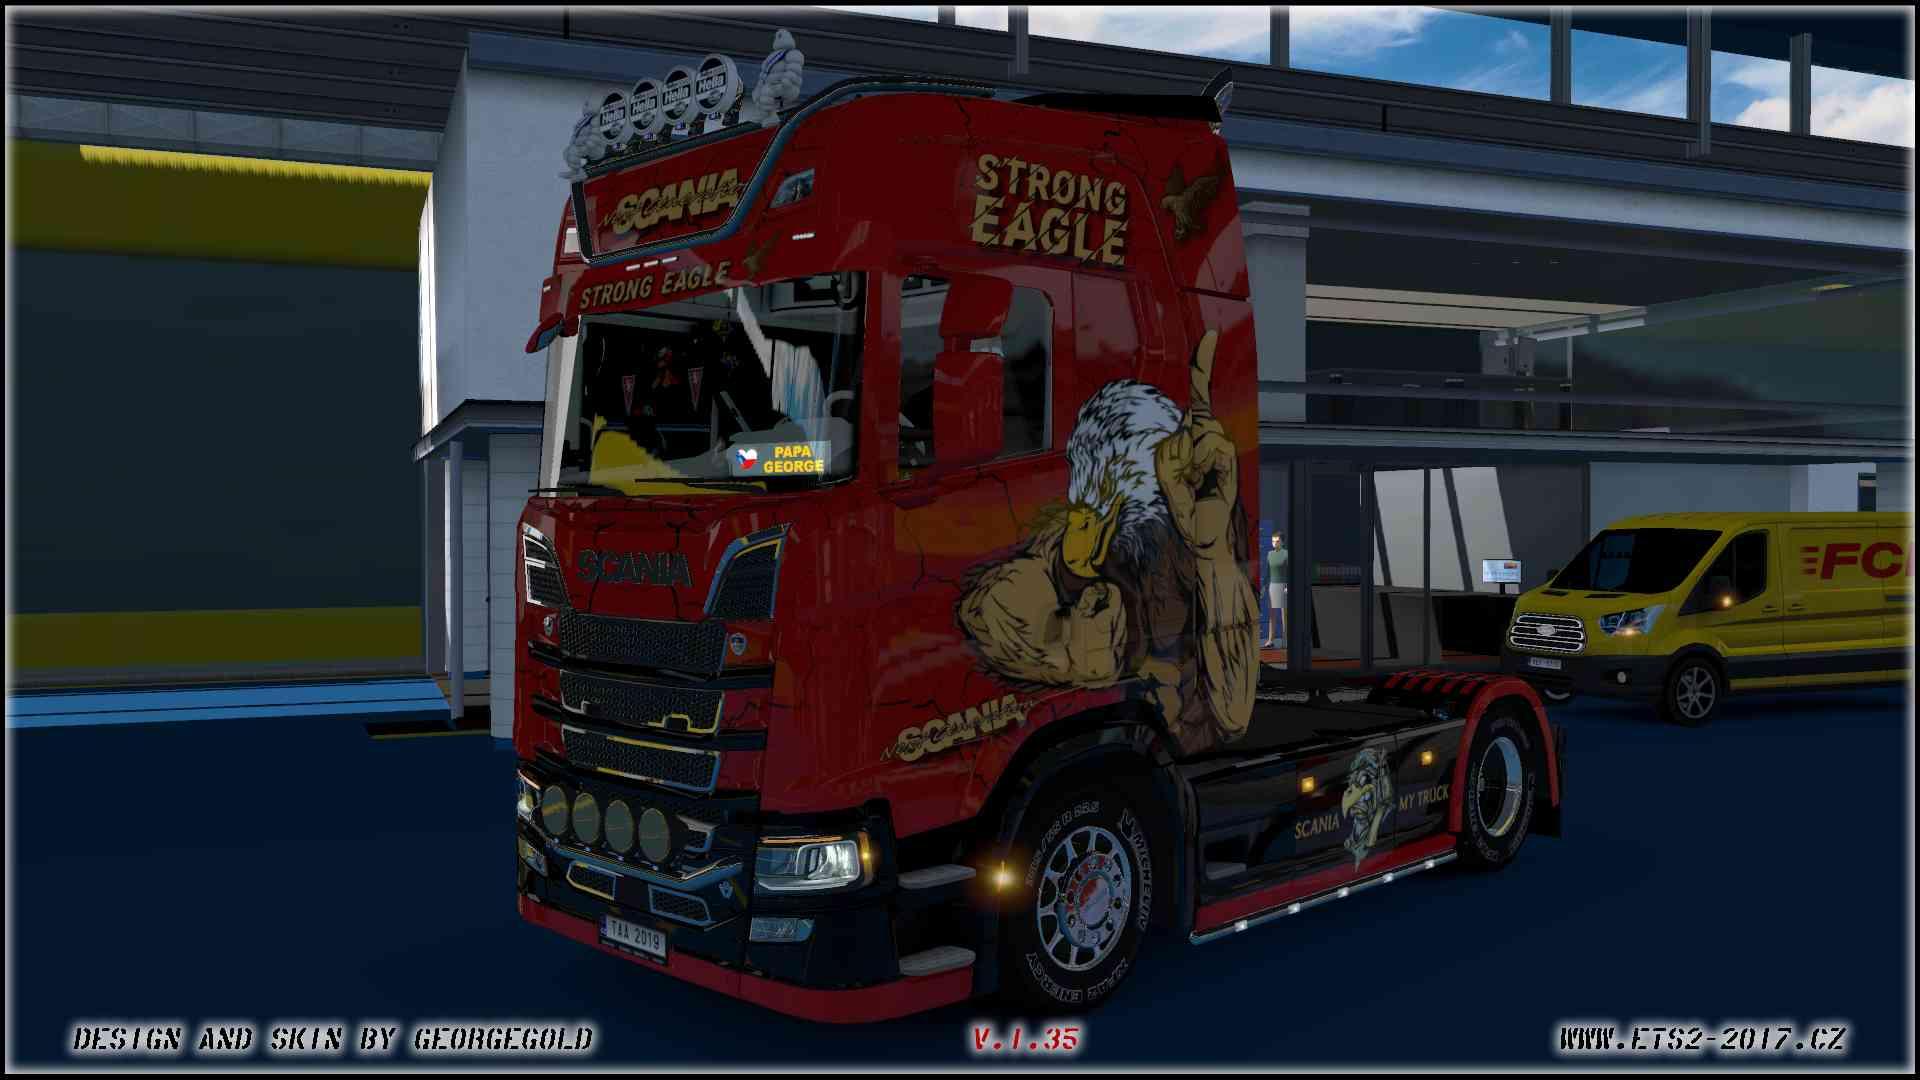 Scania S NG Strong Eagle